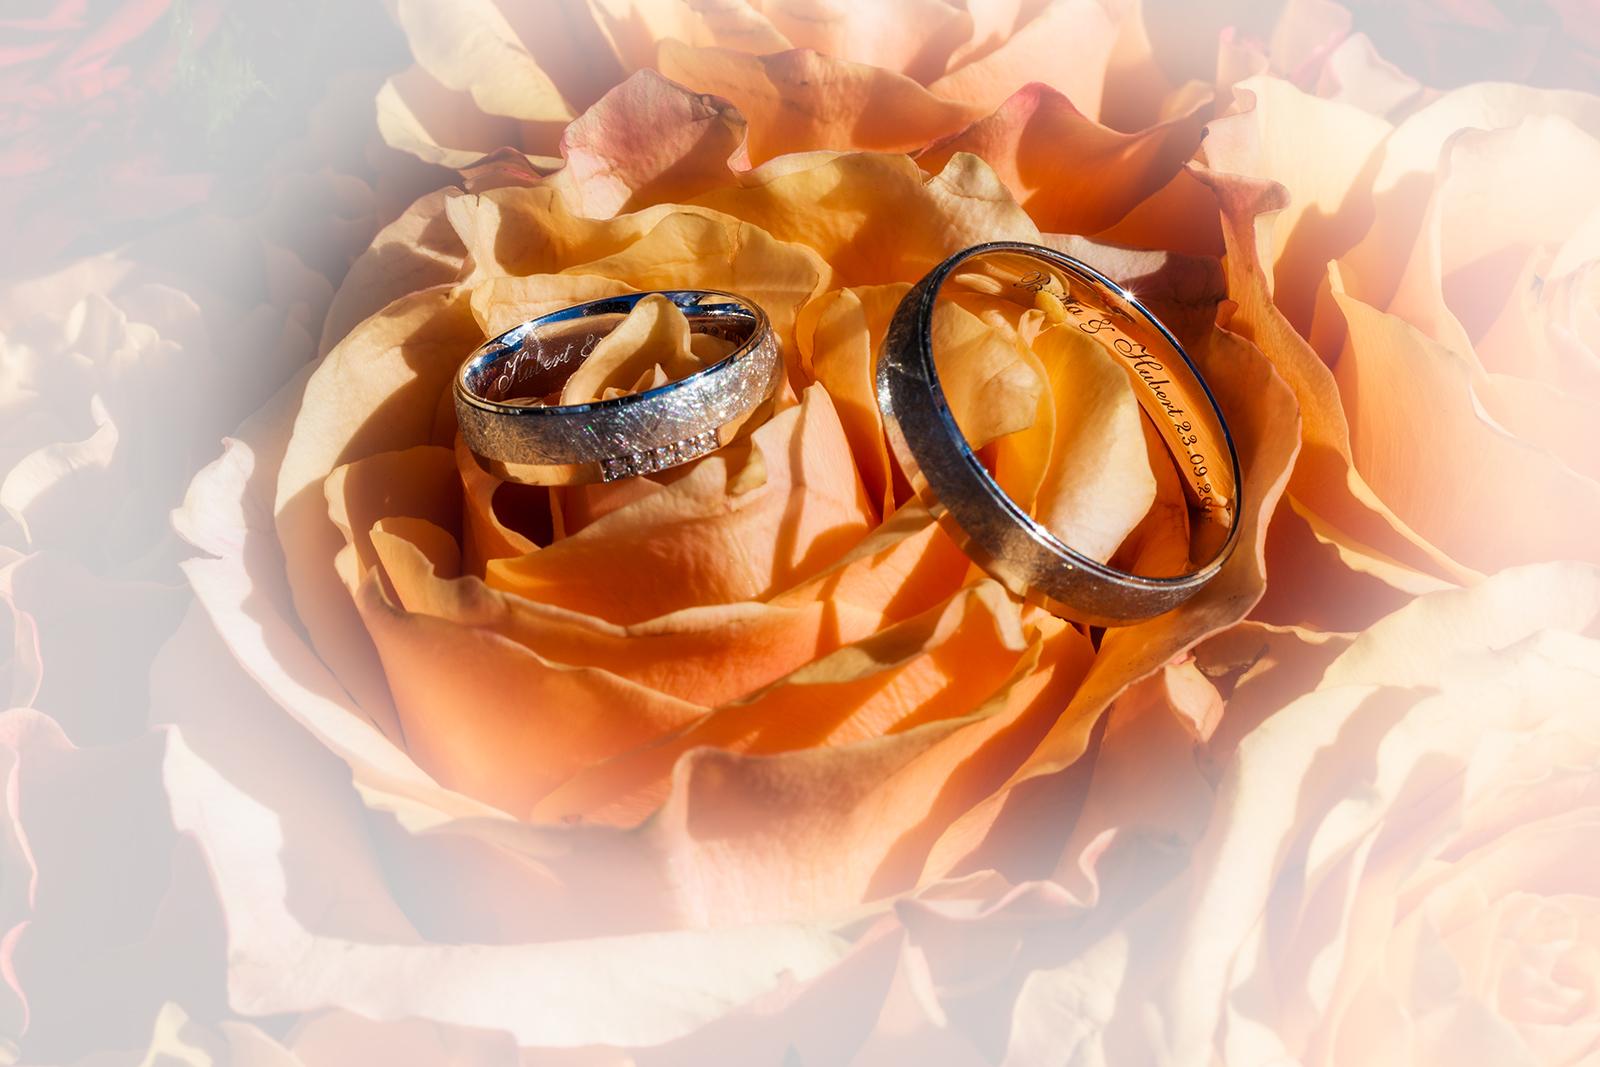 Hochzeitsfoto von einem Brautstrauß mit Ringen